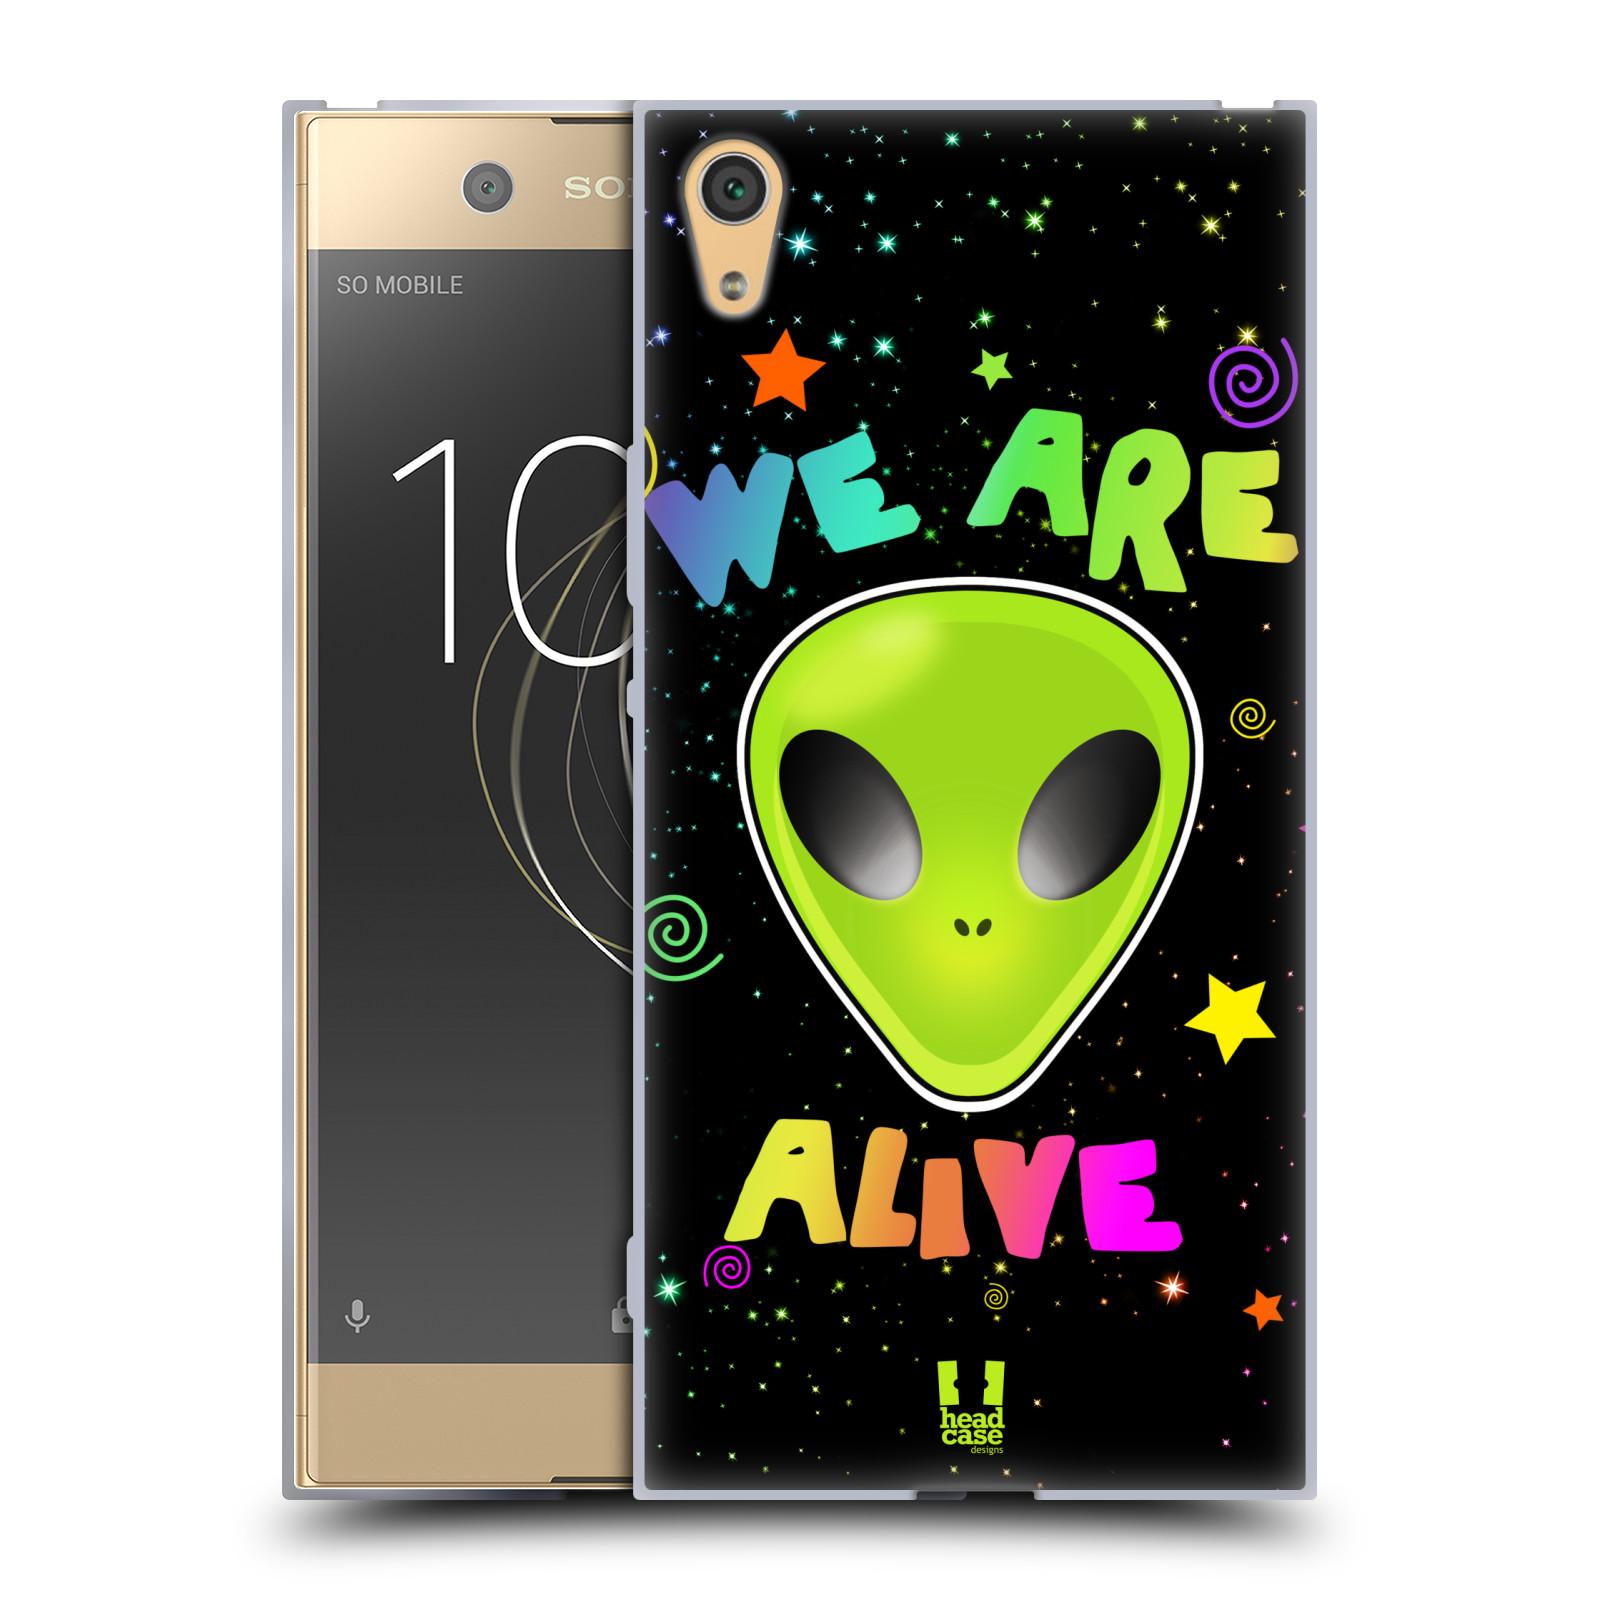 Silikonové pouzdro na mobil Sony Xperia XA1 Ultra - Head Case - ALIENS ALIVE